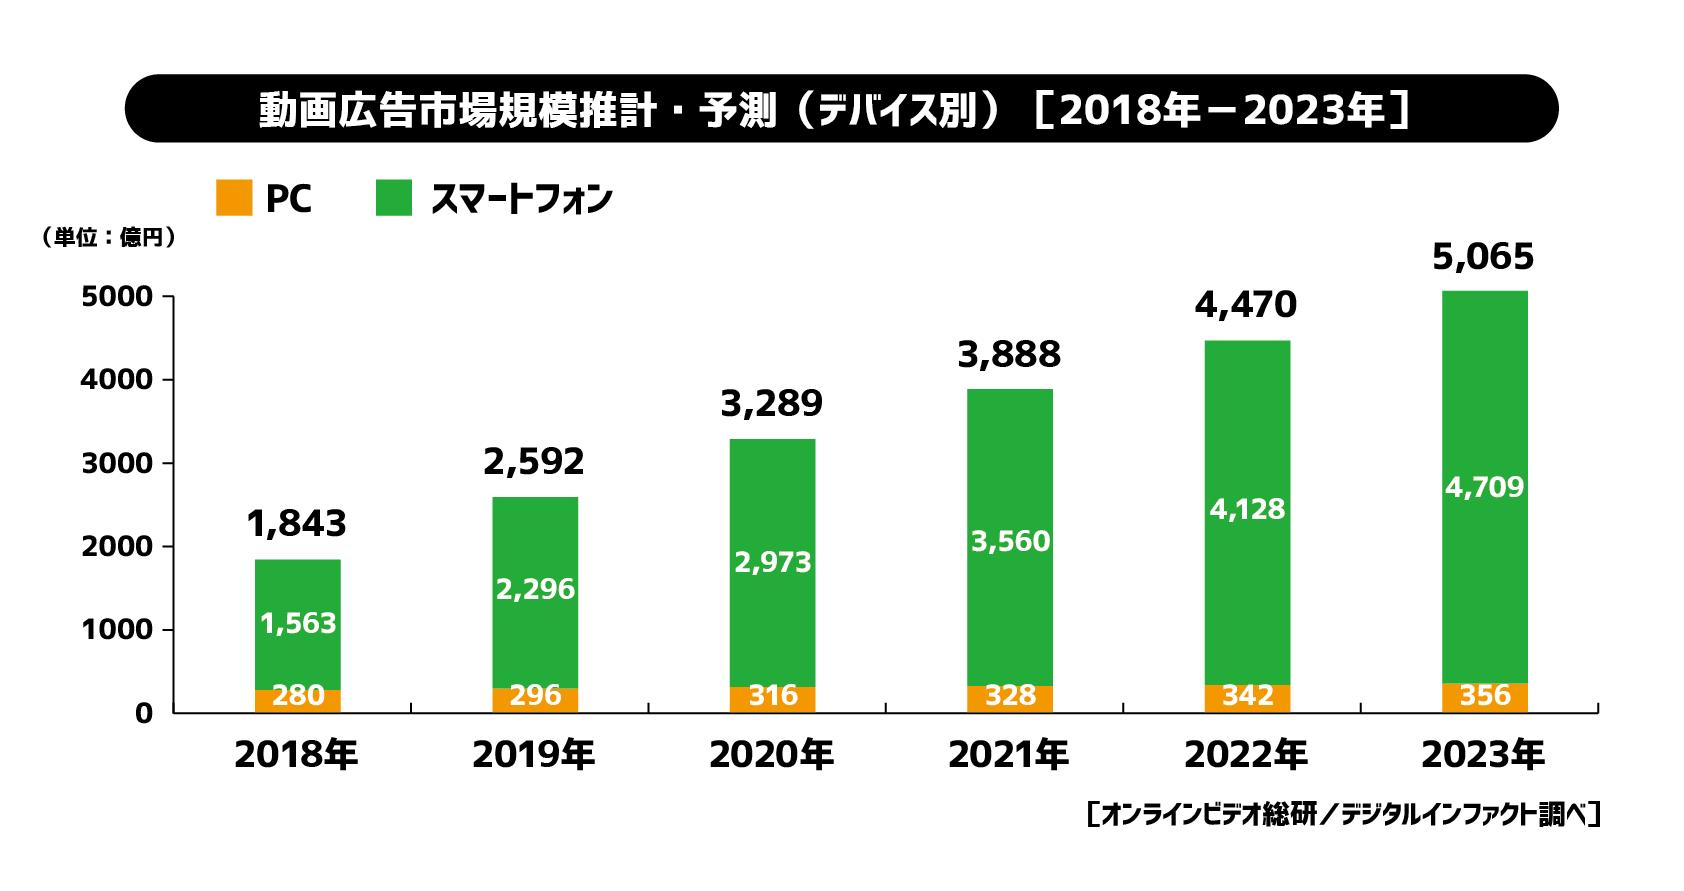 動画広告市場推計・予測 <デバイス別> (2018年-2023年)のデータ画像。